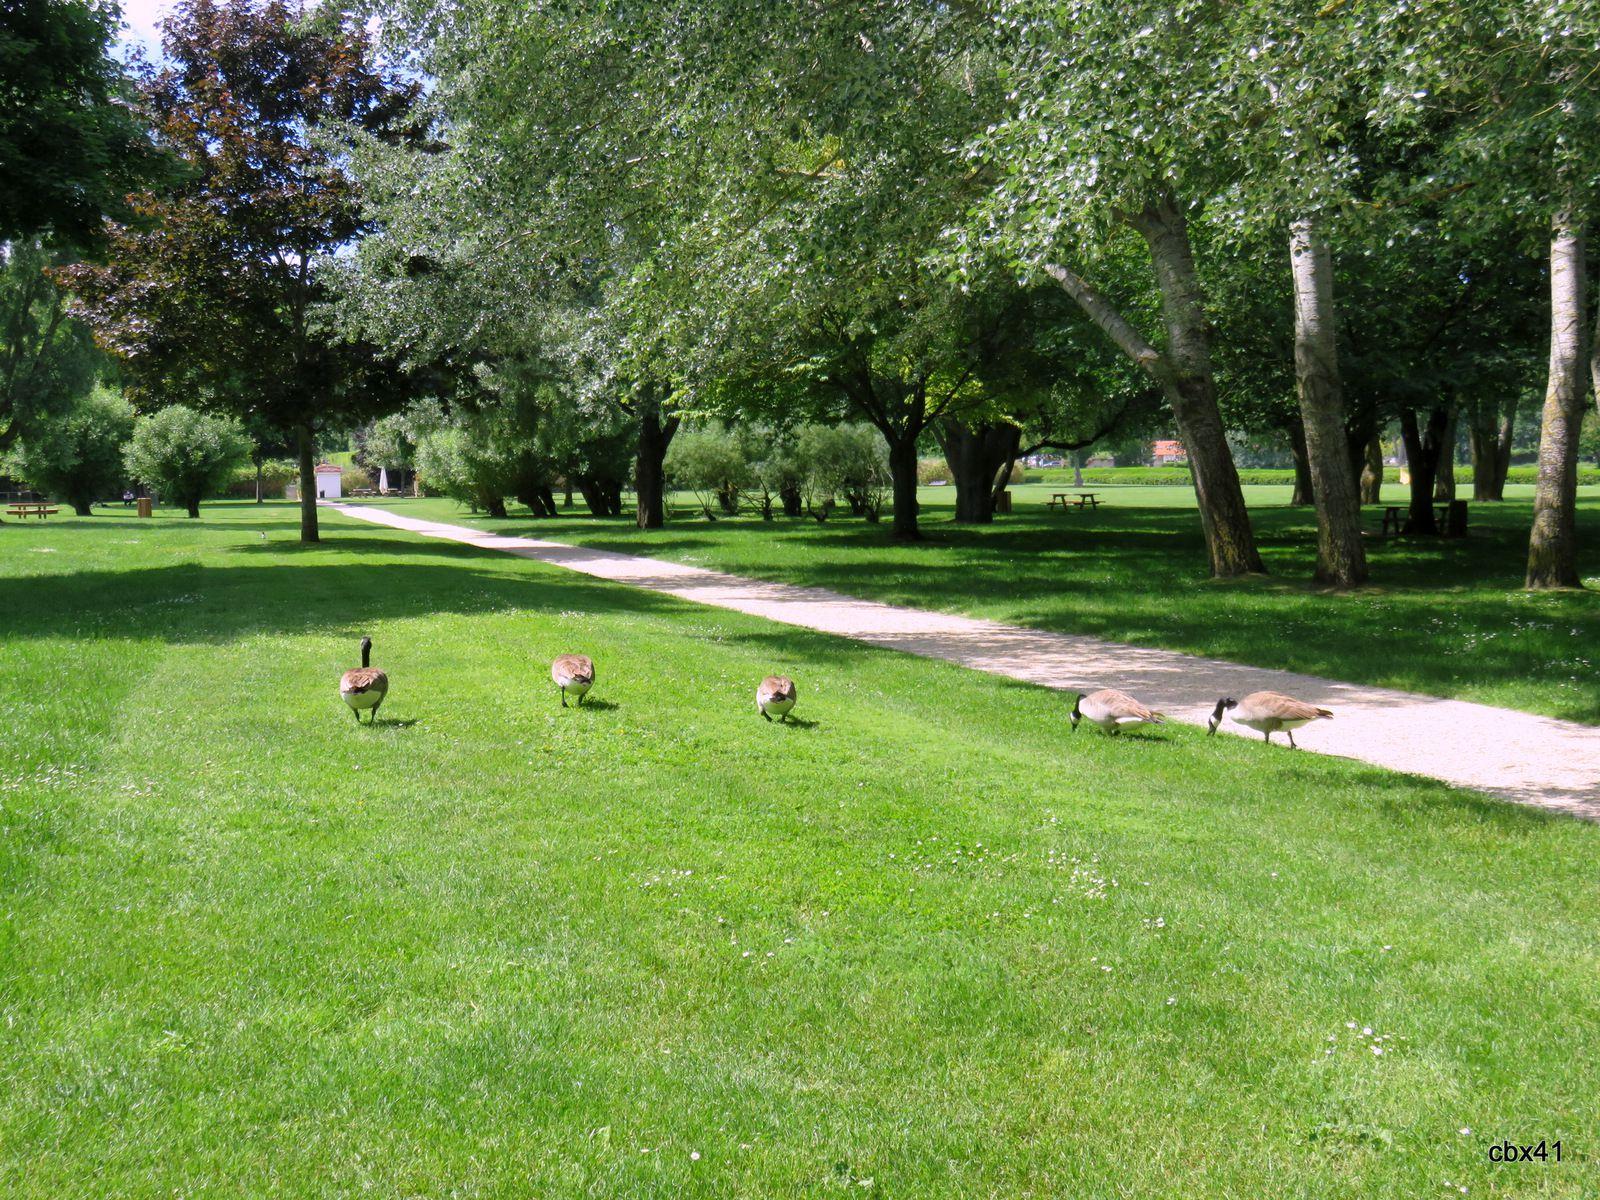 Les oies bernaches du parc Corbière, Le Pecq (Yvelines)